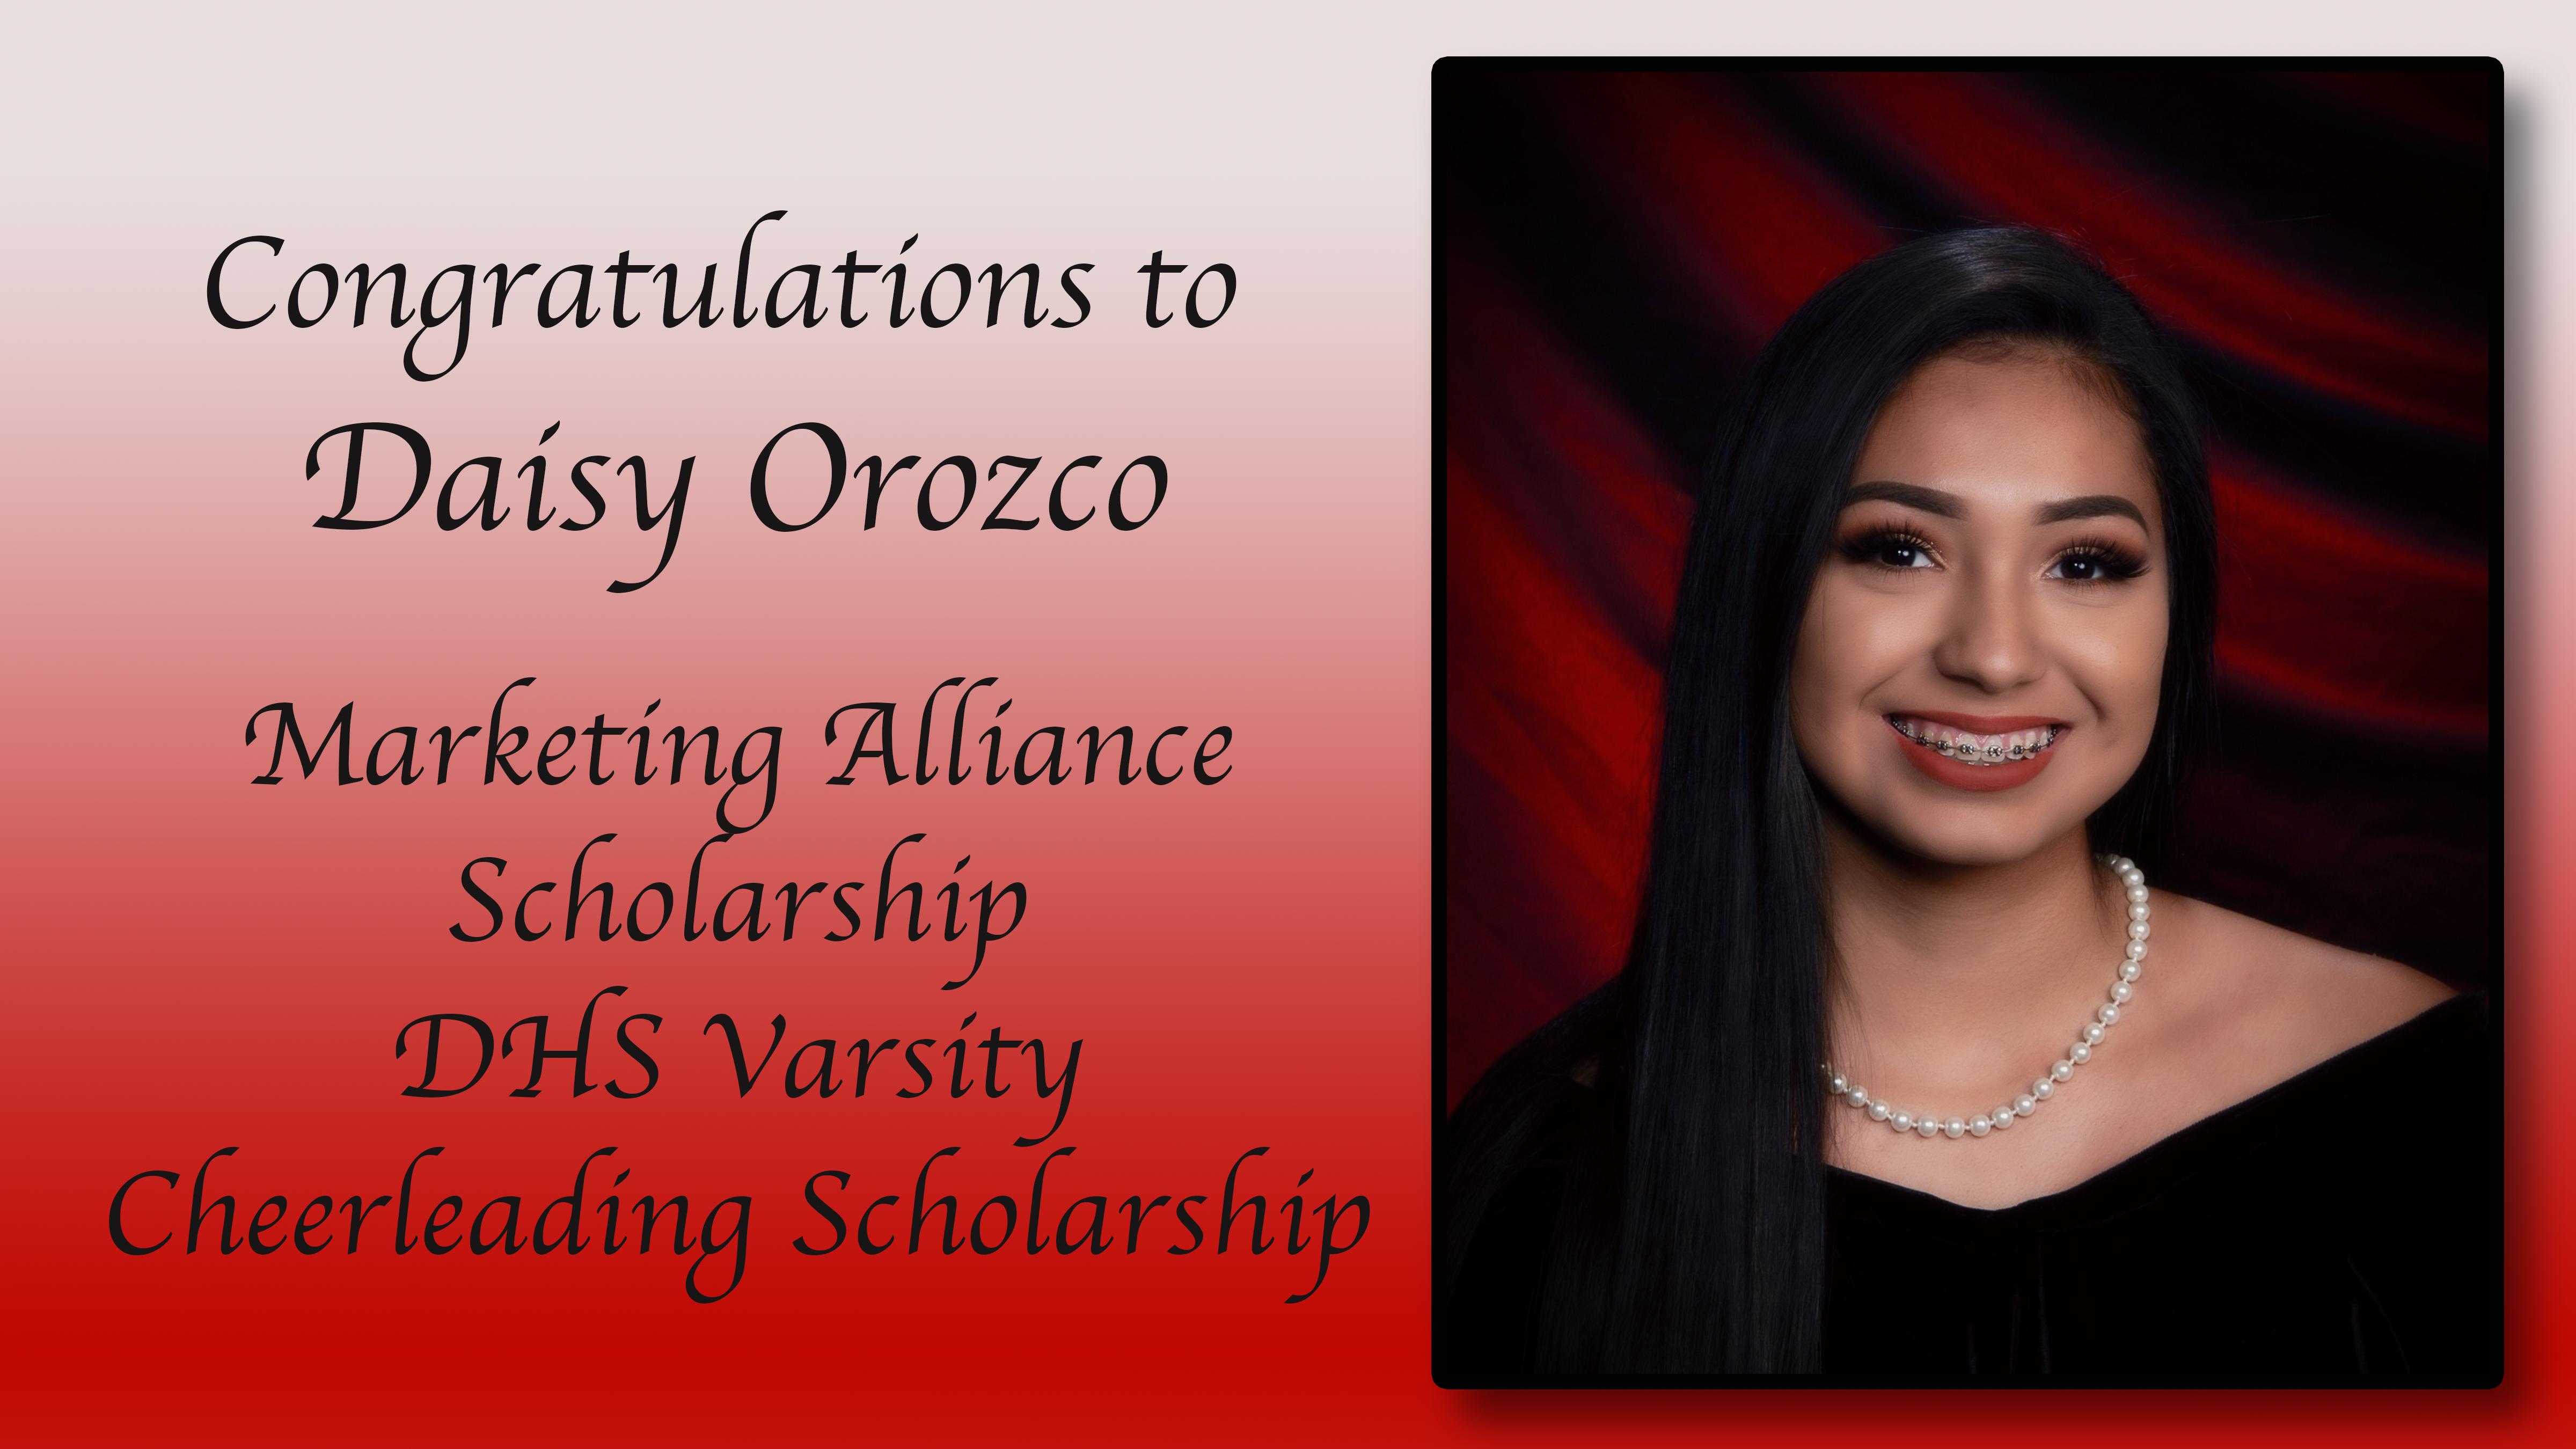 Daisy Orozco Scholarships